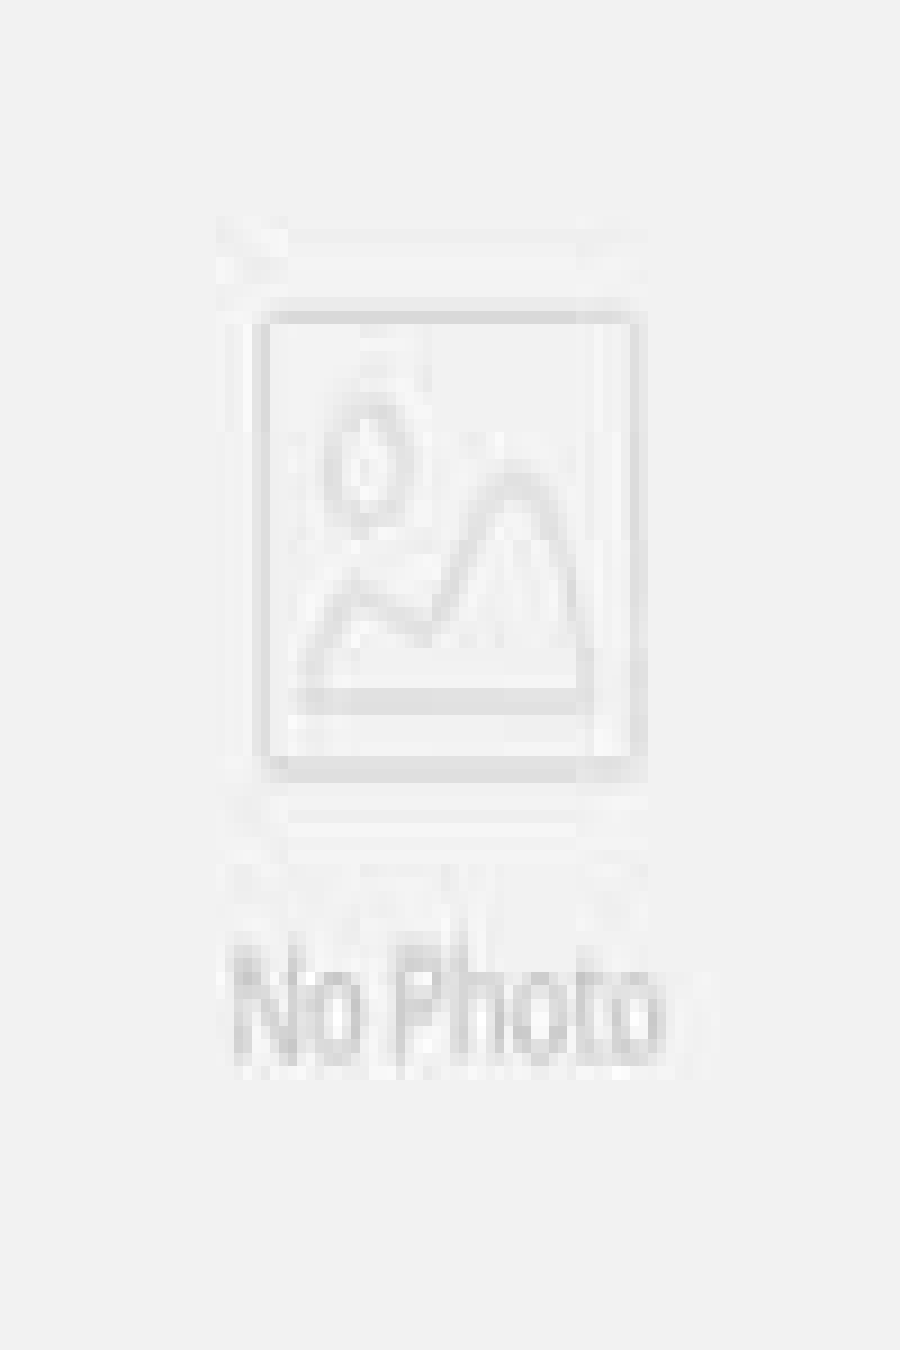 Женские брюки Brand New & женские чулки brand new 39784